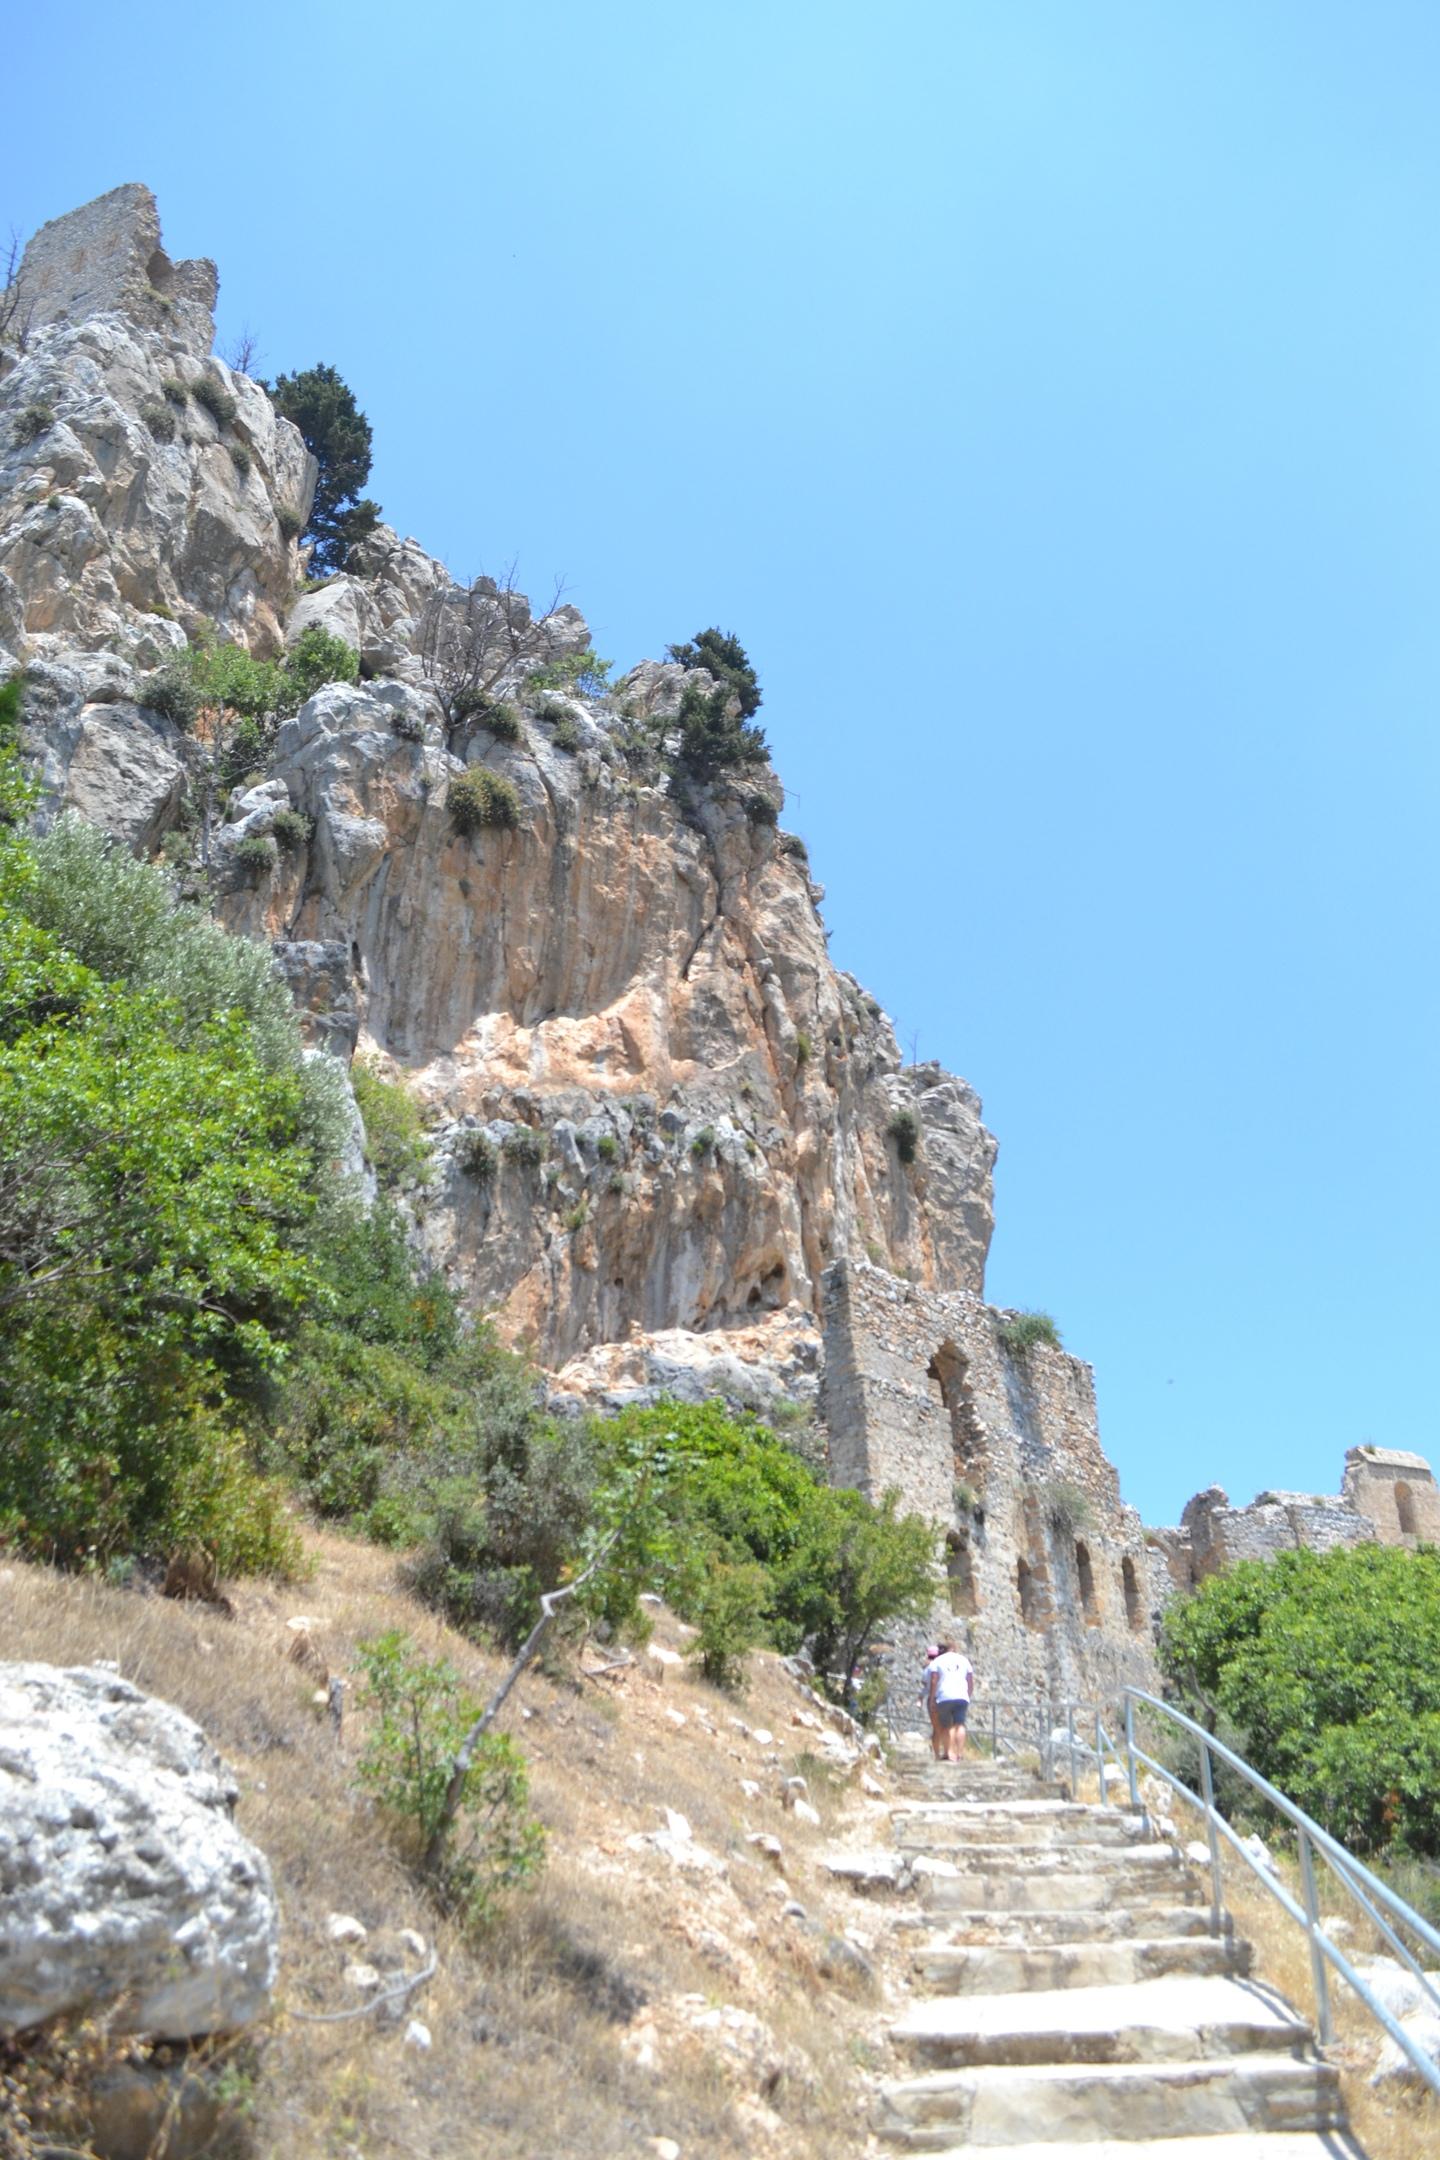 Северный Кипр. Замок Святого Иллариона. (фото). QmbRuOXeIh0